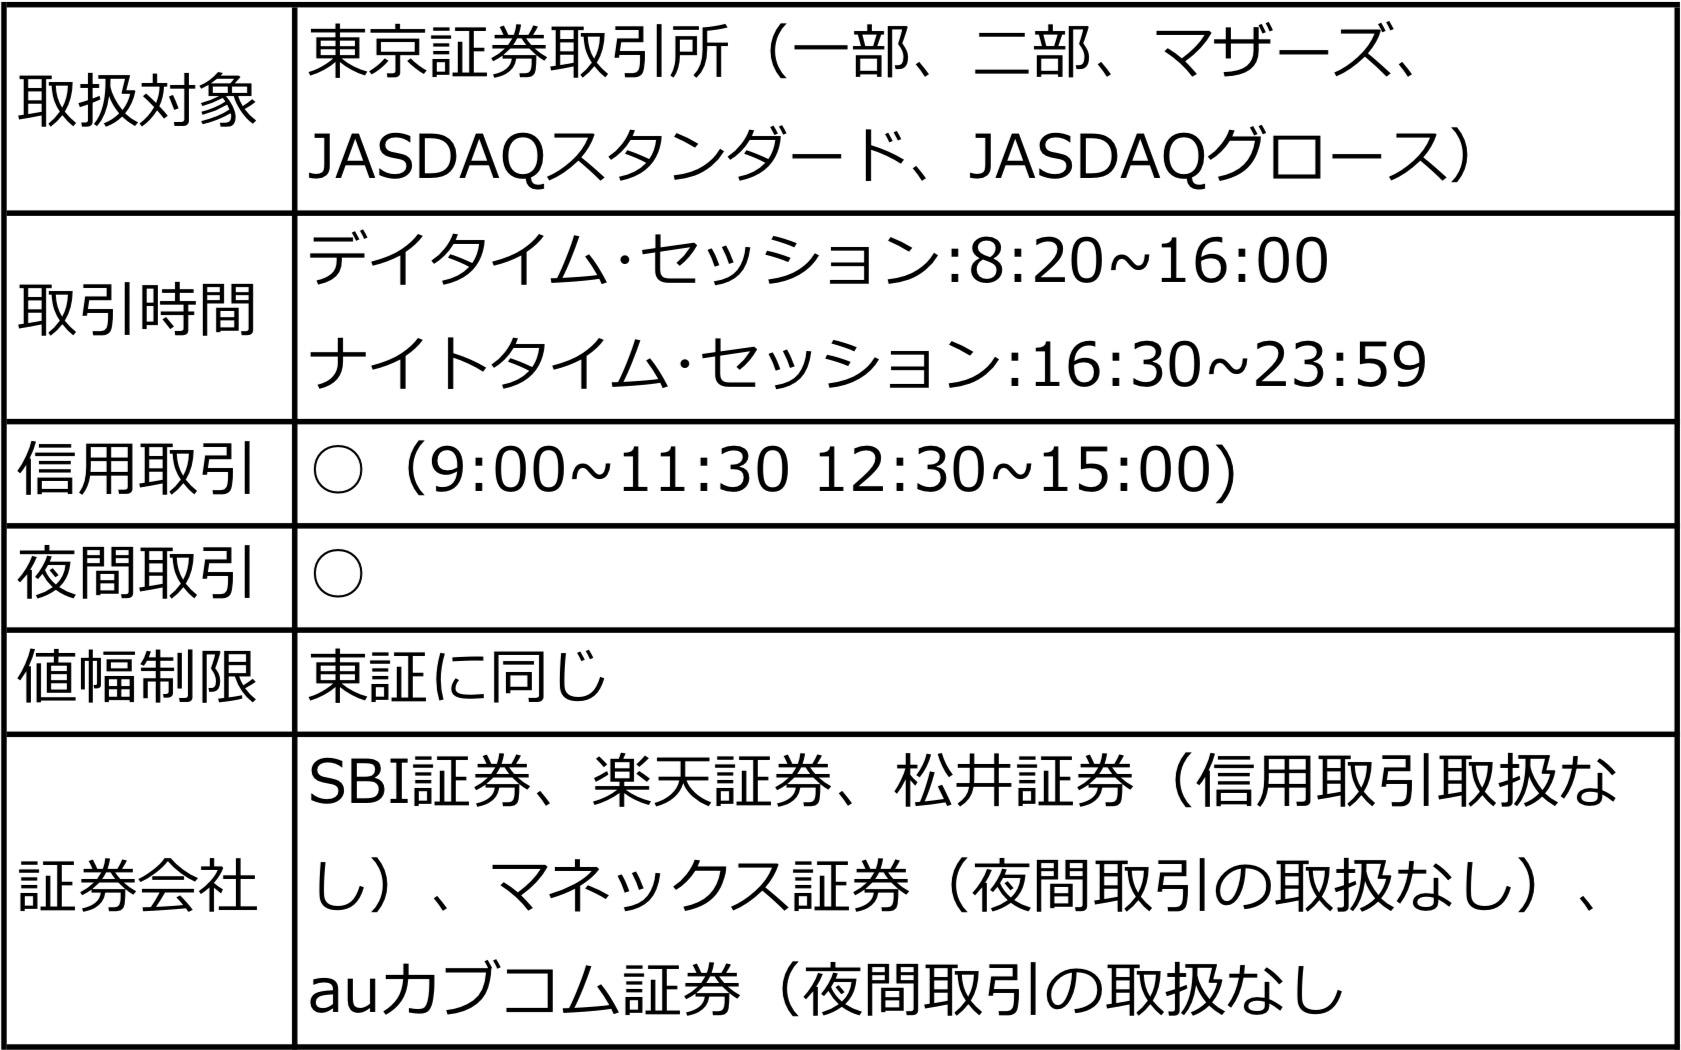 Pts ジャパン ディスプレイ